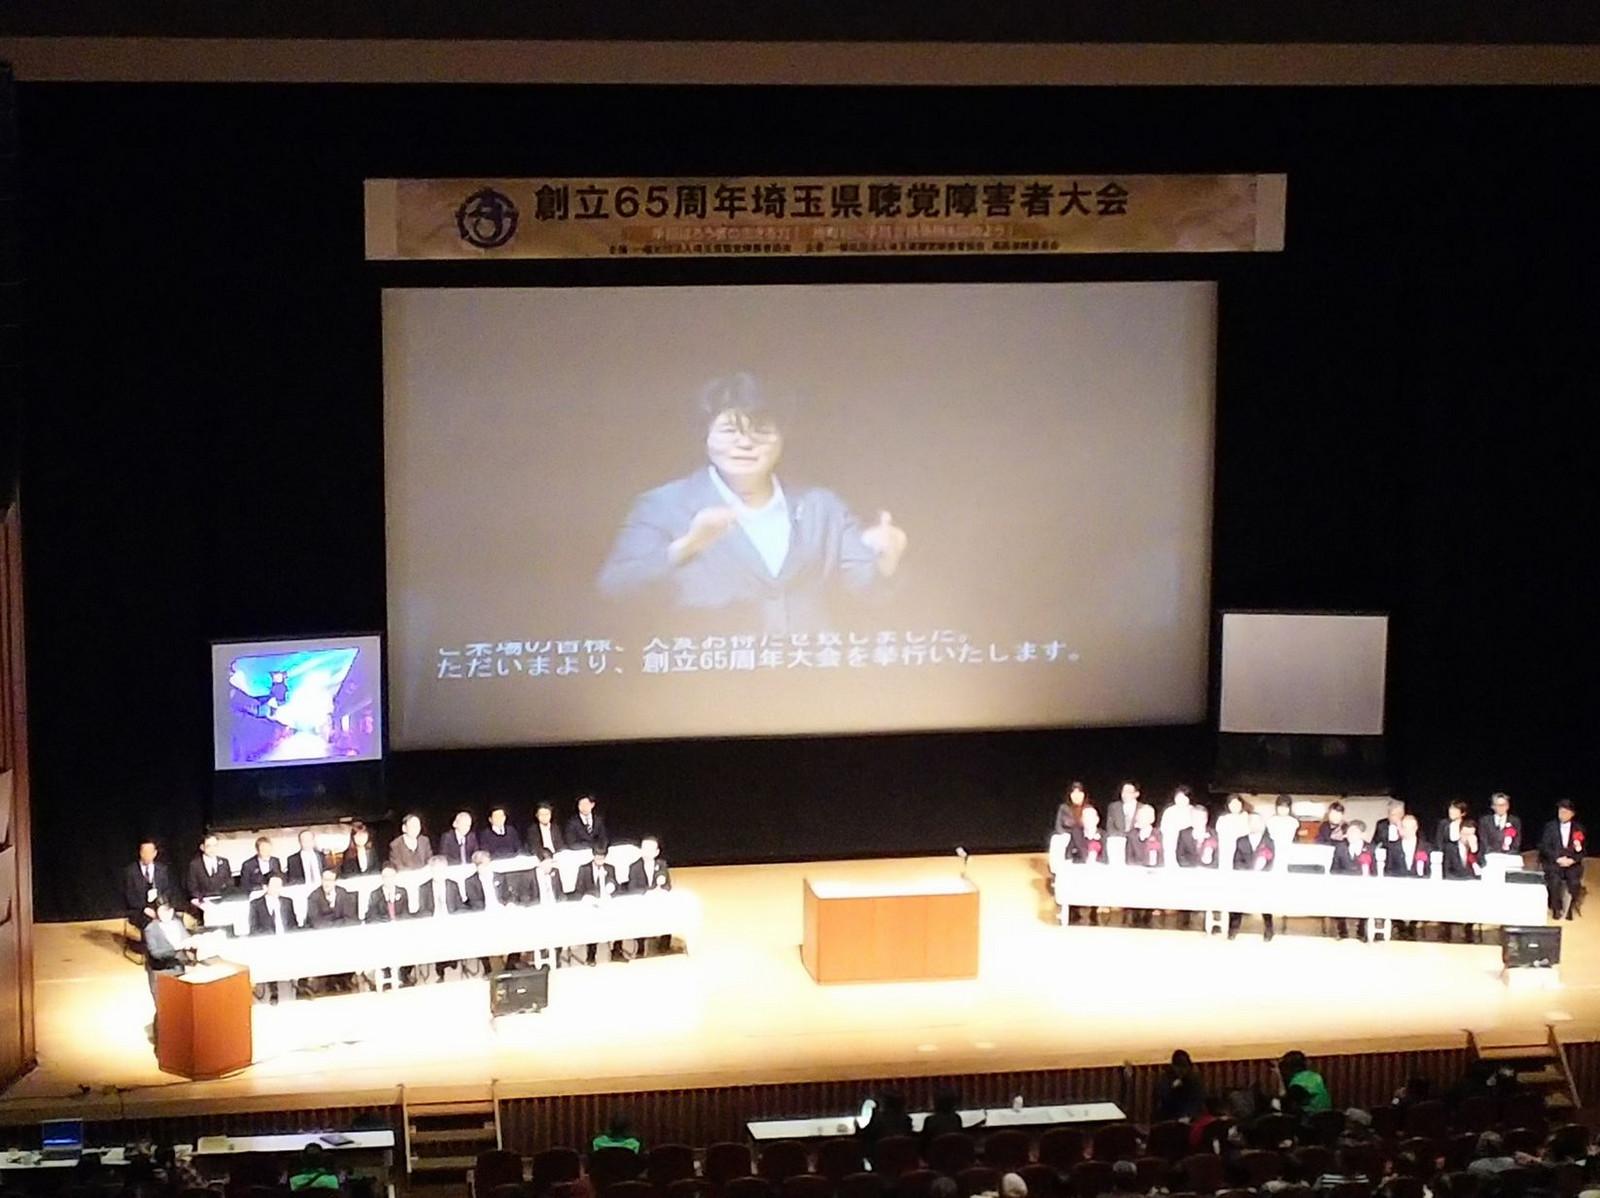 創立65周年埼玉県聴覚障害者大会: ≪Daily UMeDAS≫-デイリーウメダス-